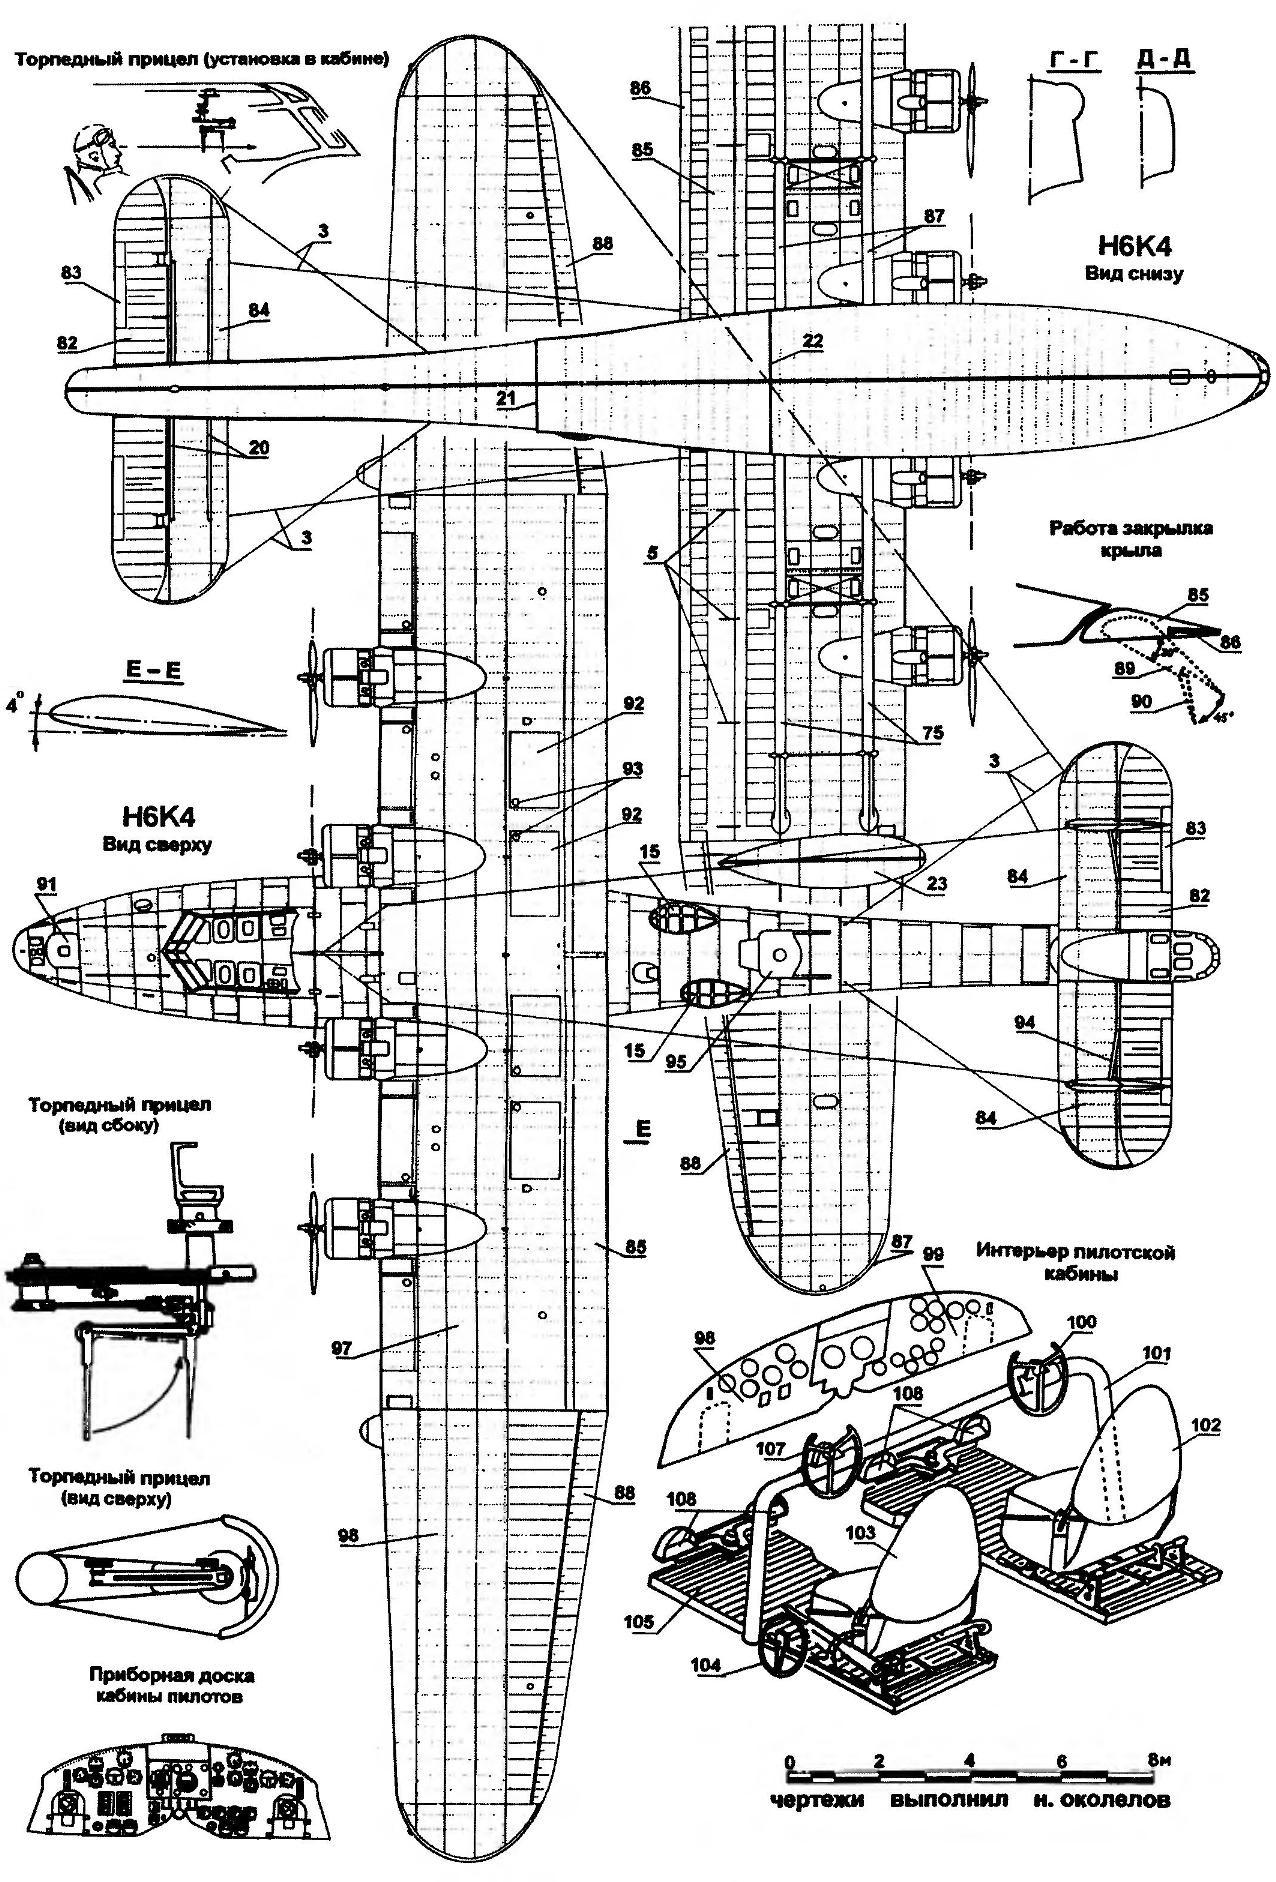 Летающая лодка Kawanishi H6K